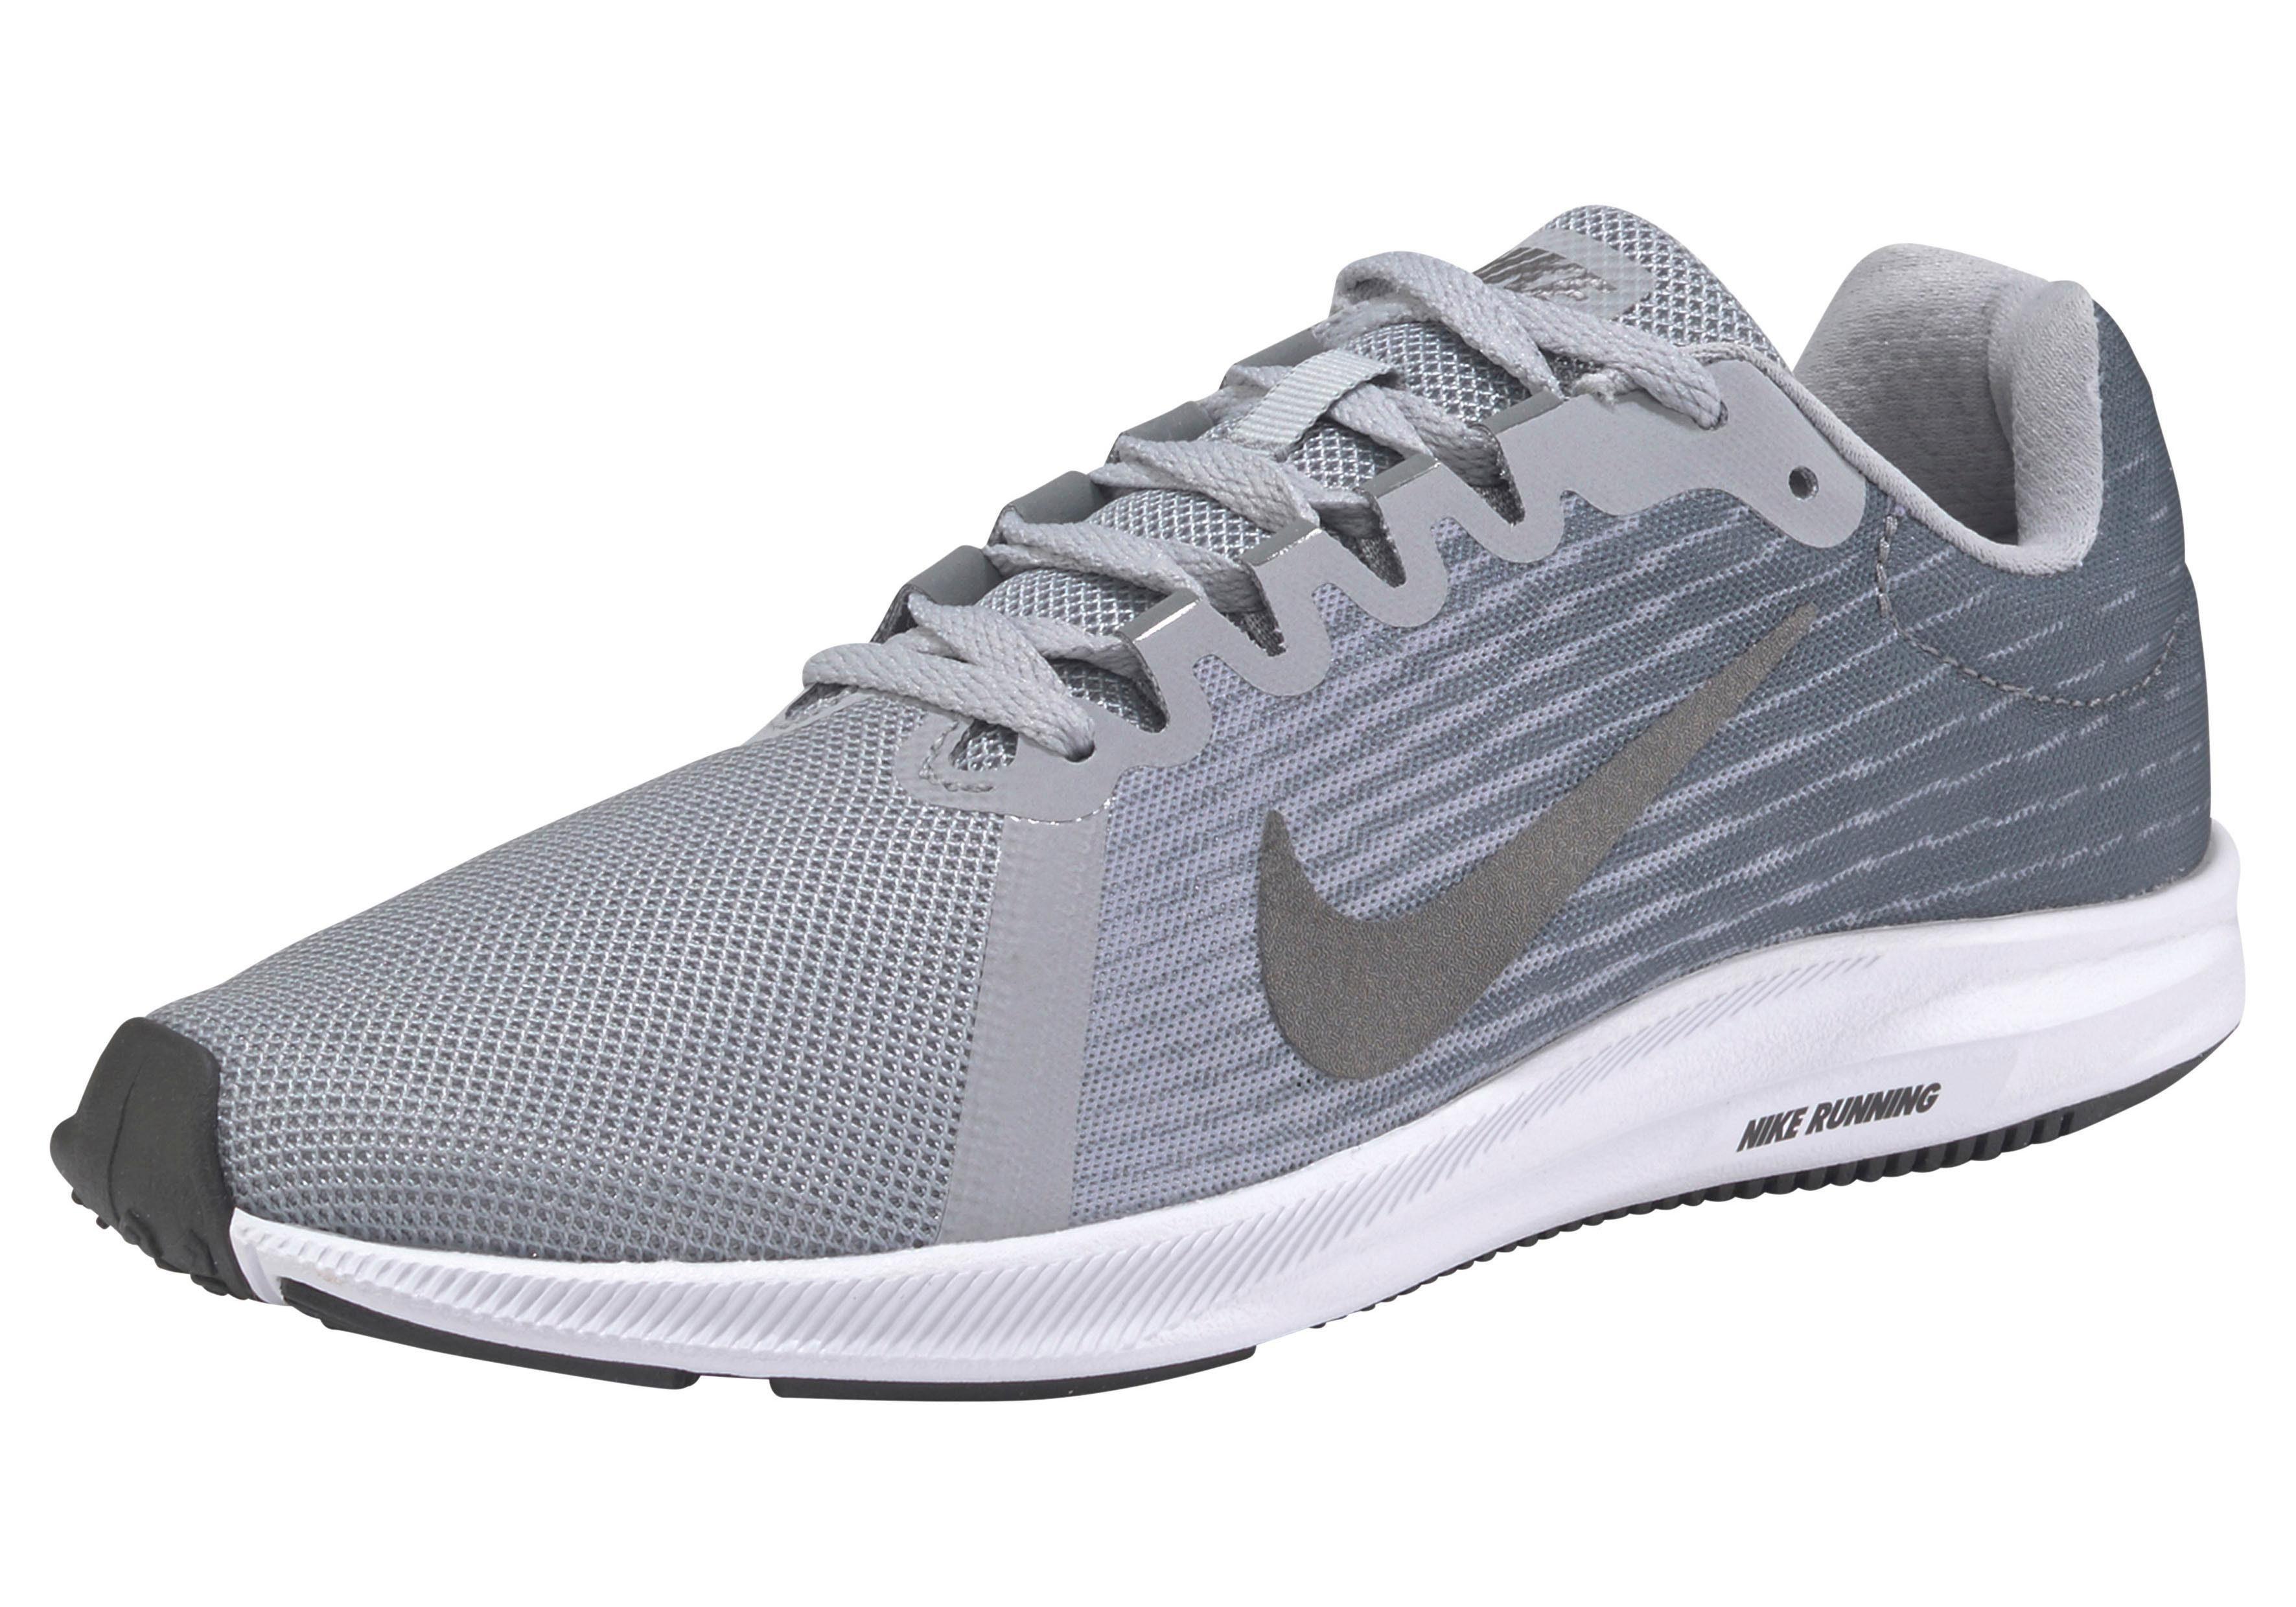 Nike »Wmns Downshifter 8« Laufschuh, Leichter Laufschuh von Nike online kaufen | OTTO